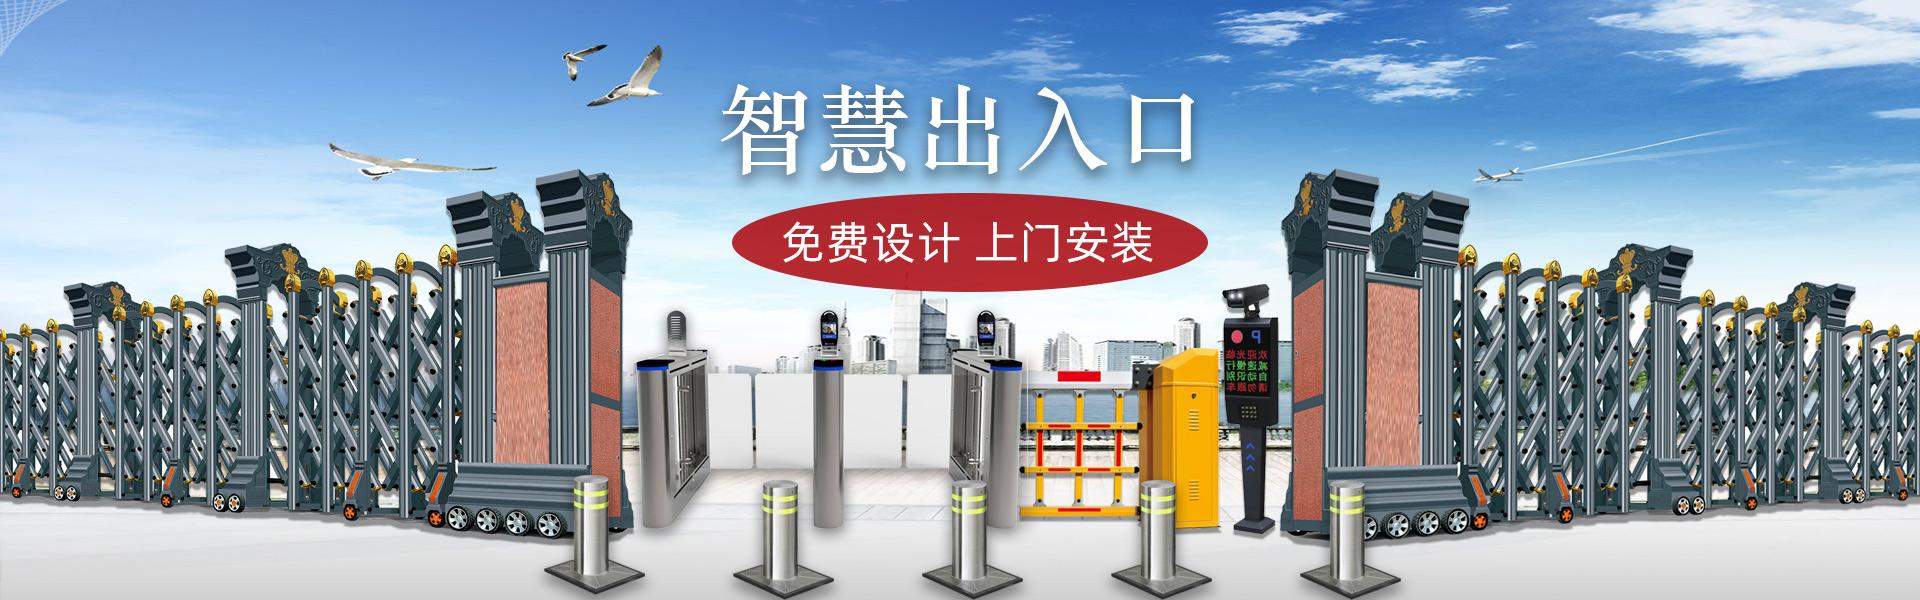 云南自动门生产厂家